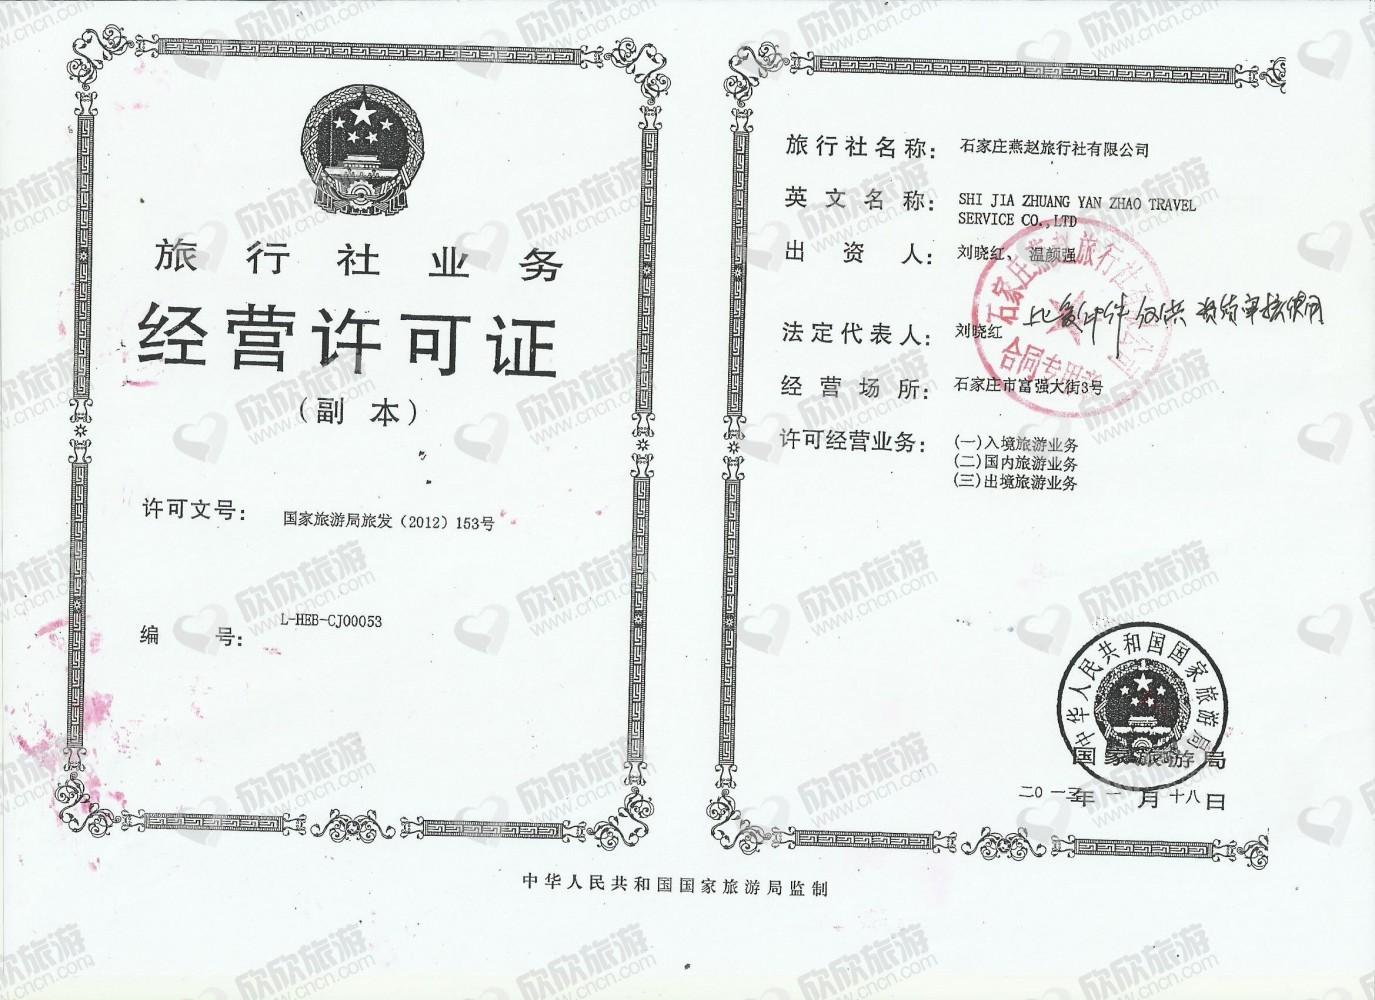 石家庄燕赵旅行社有限公司经营许可证